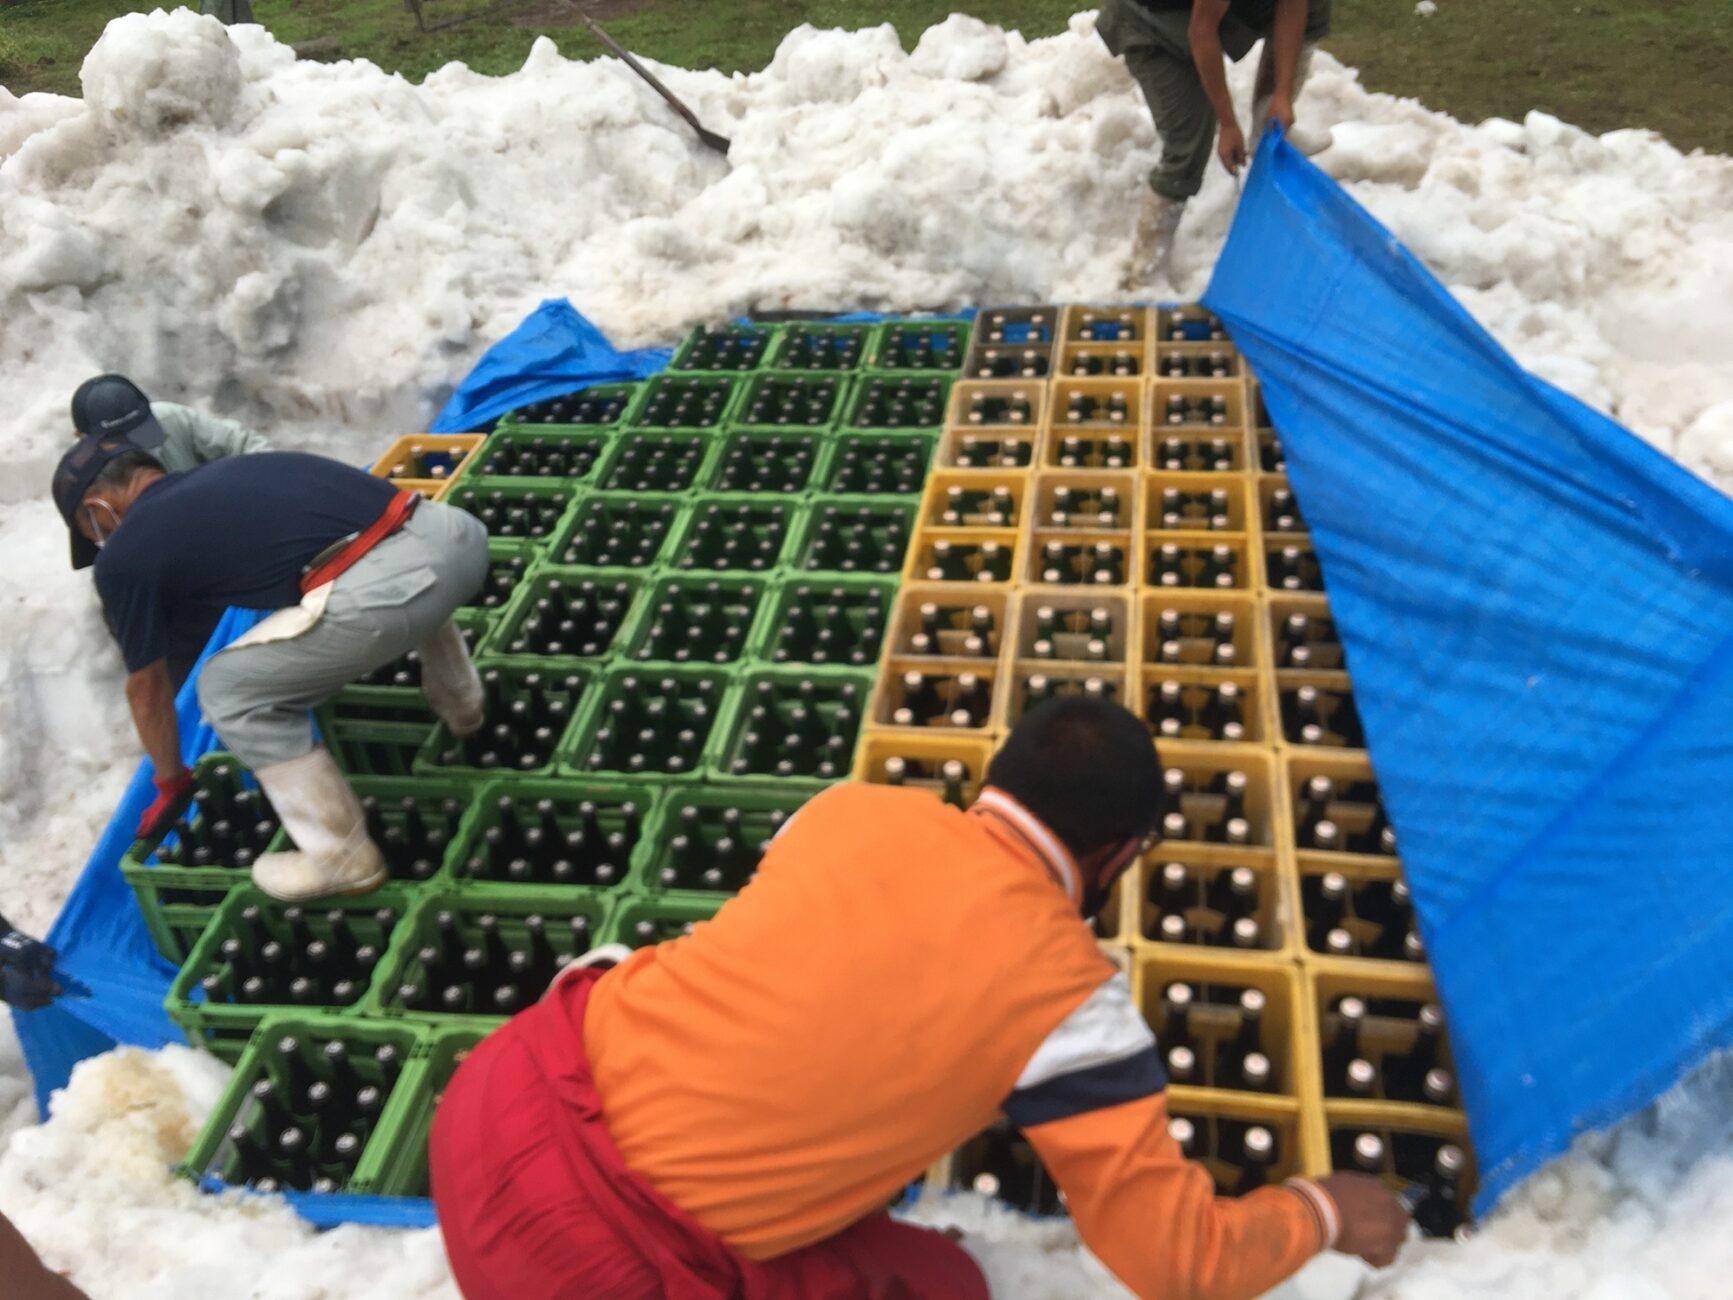 木島平村内山地区の雪室から雪中貯蔵酒を掘り出す様子、酒の瓶が見えた。